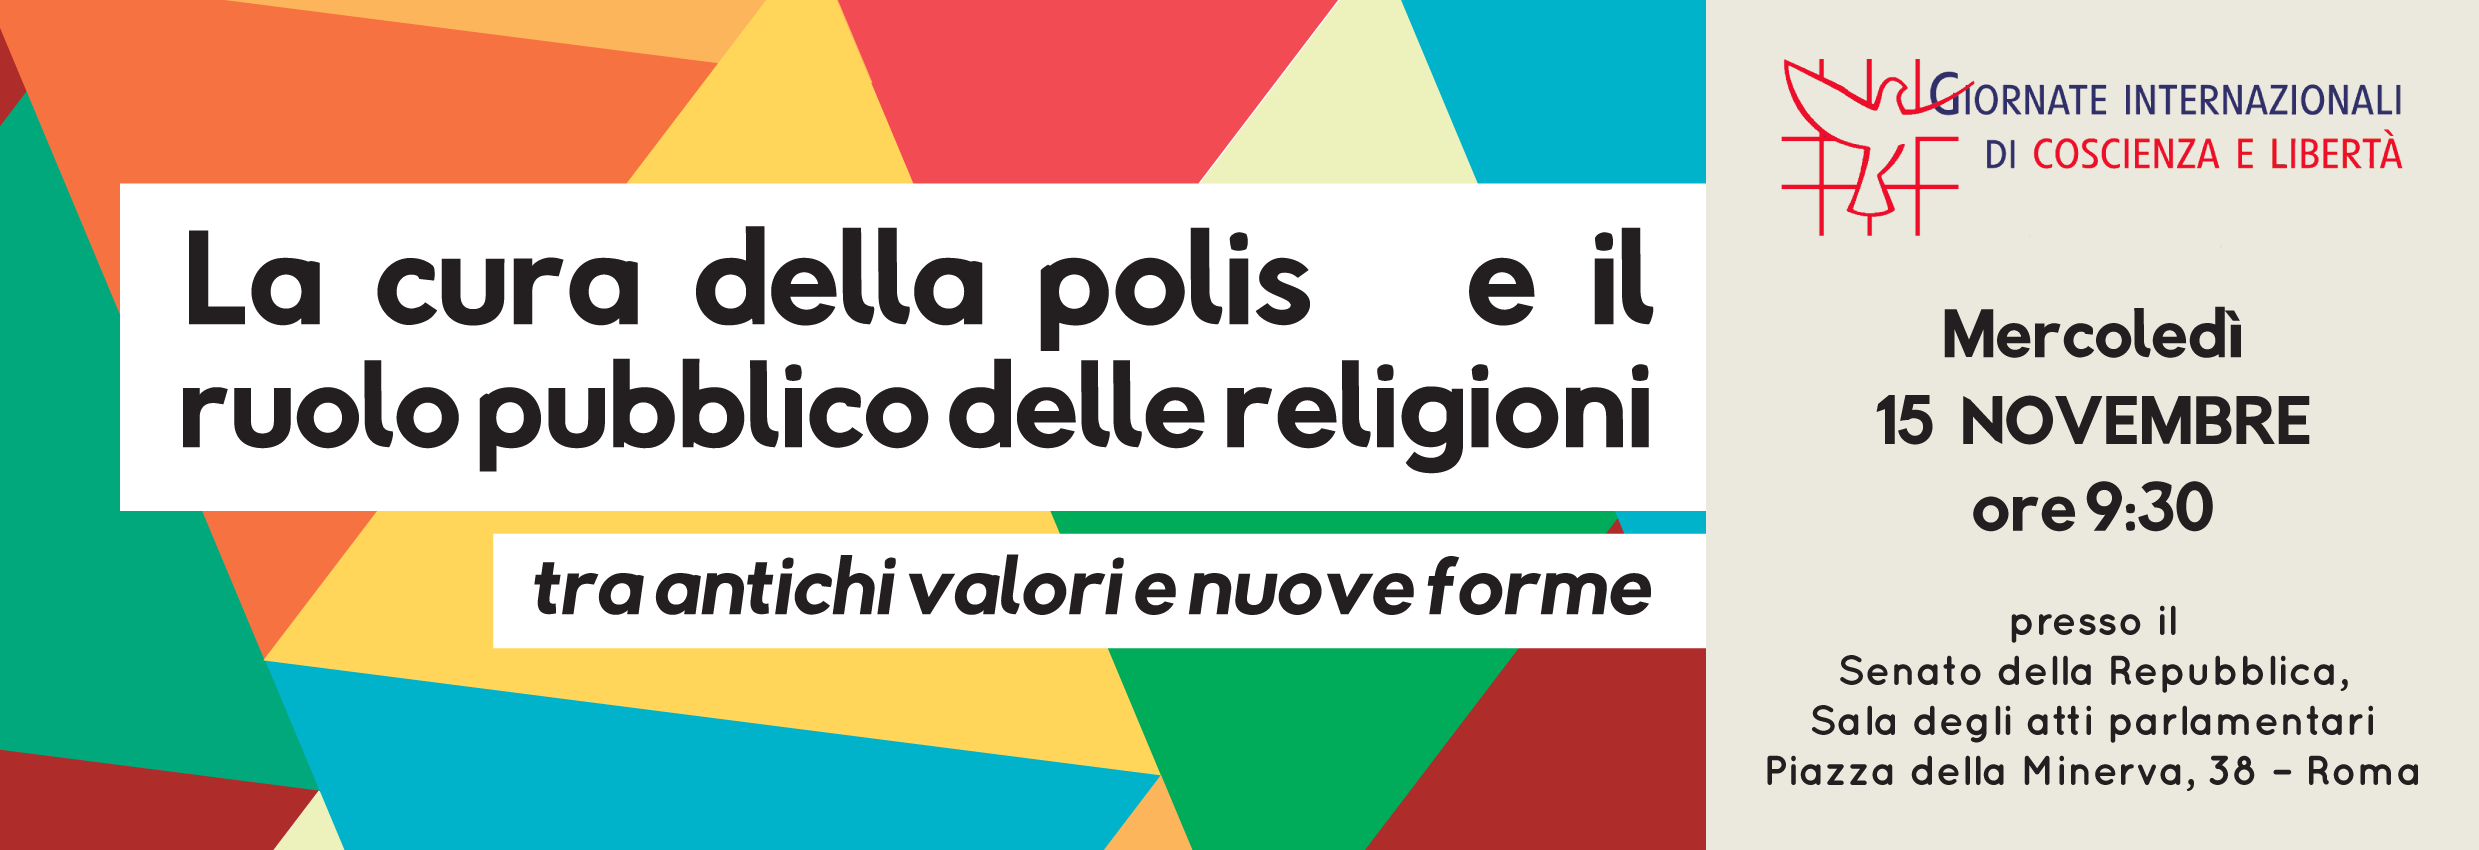 Roma. Giornate di Coscienza e Libertà